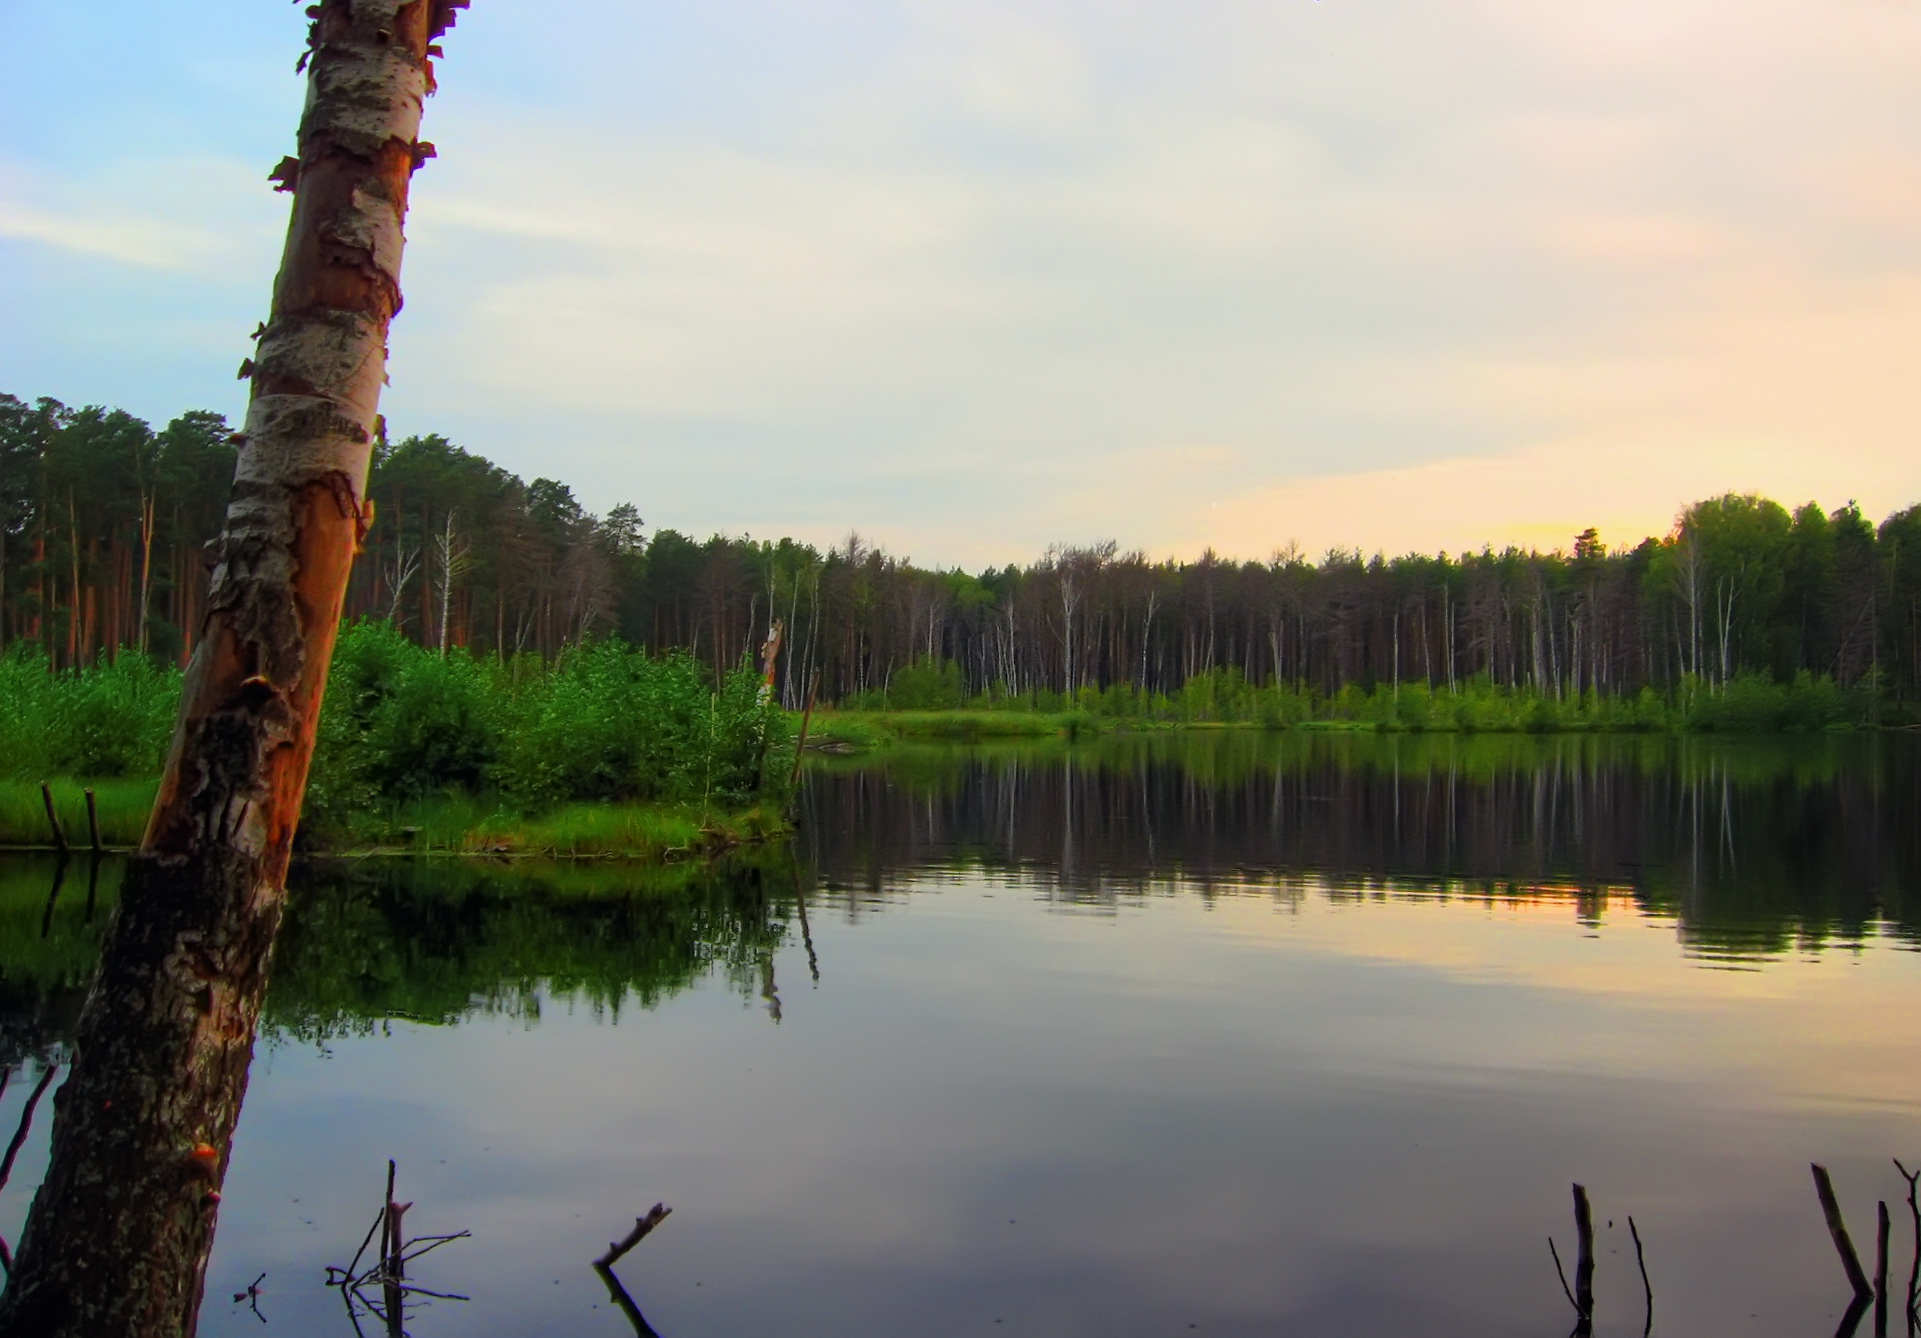 святое озеро нижегородская область фото сети появился сайт